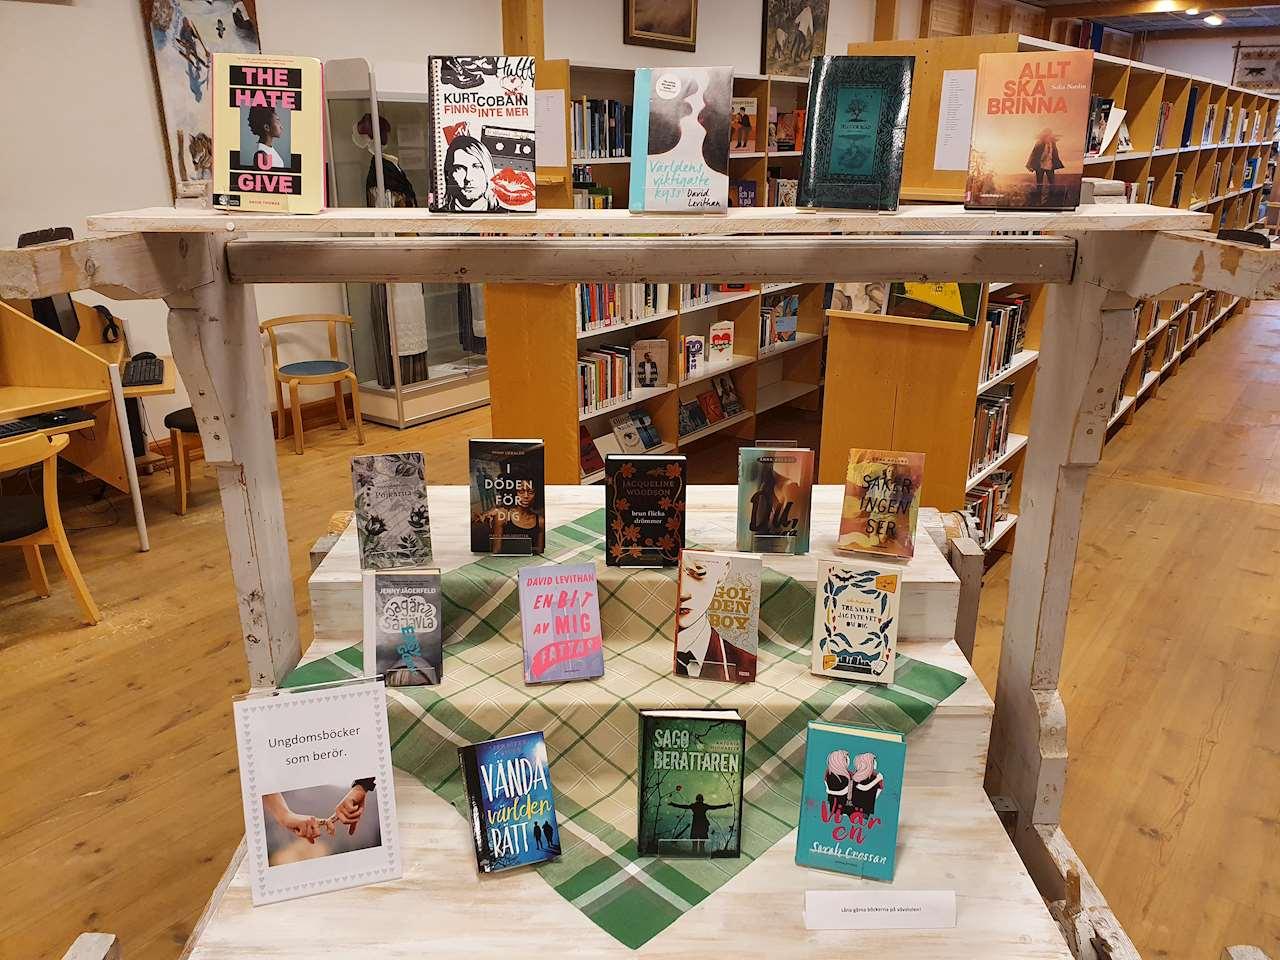 Vävstolen på Sorsele bibliotek där ungdomsböcker står exponerade.